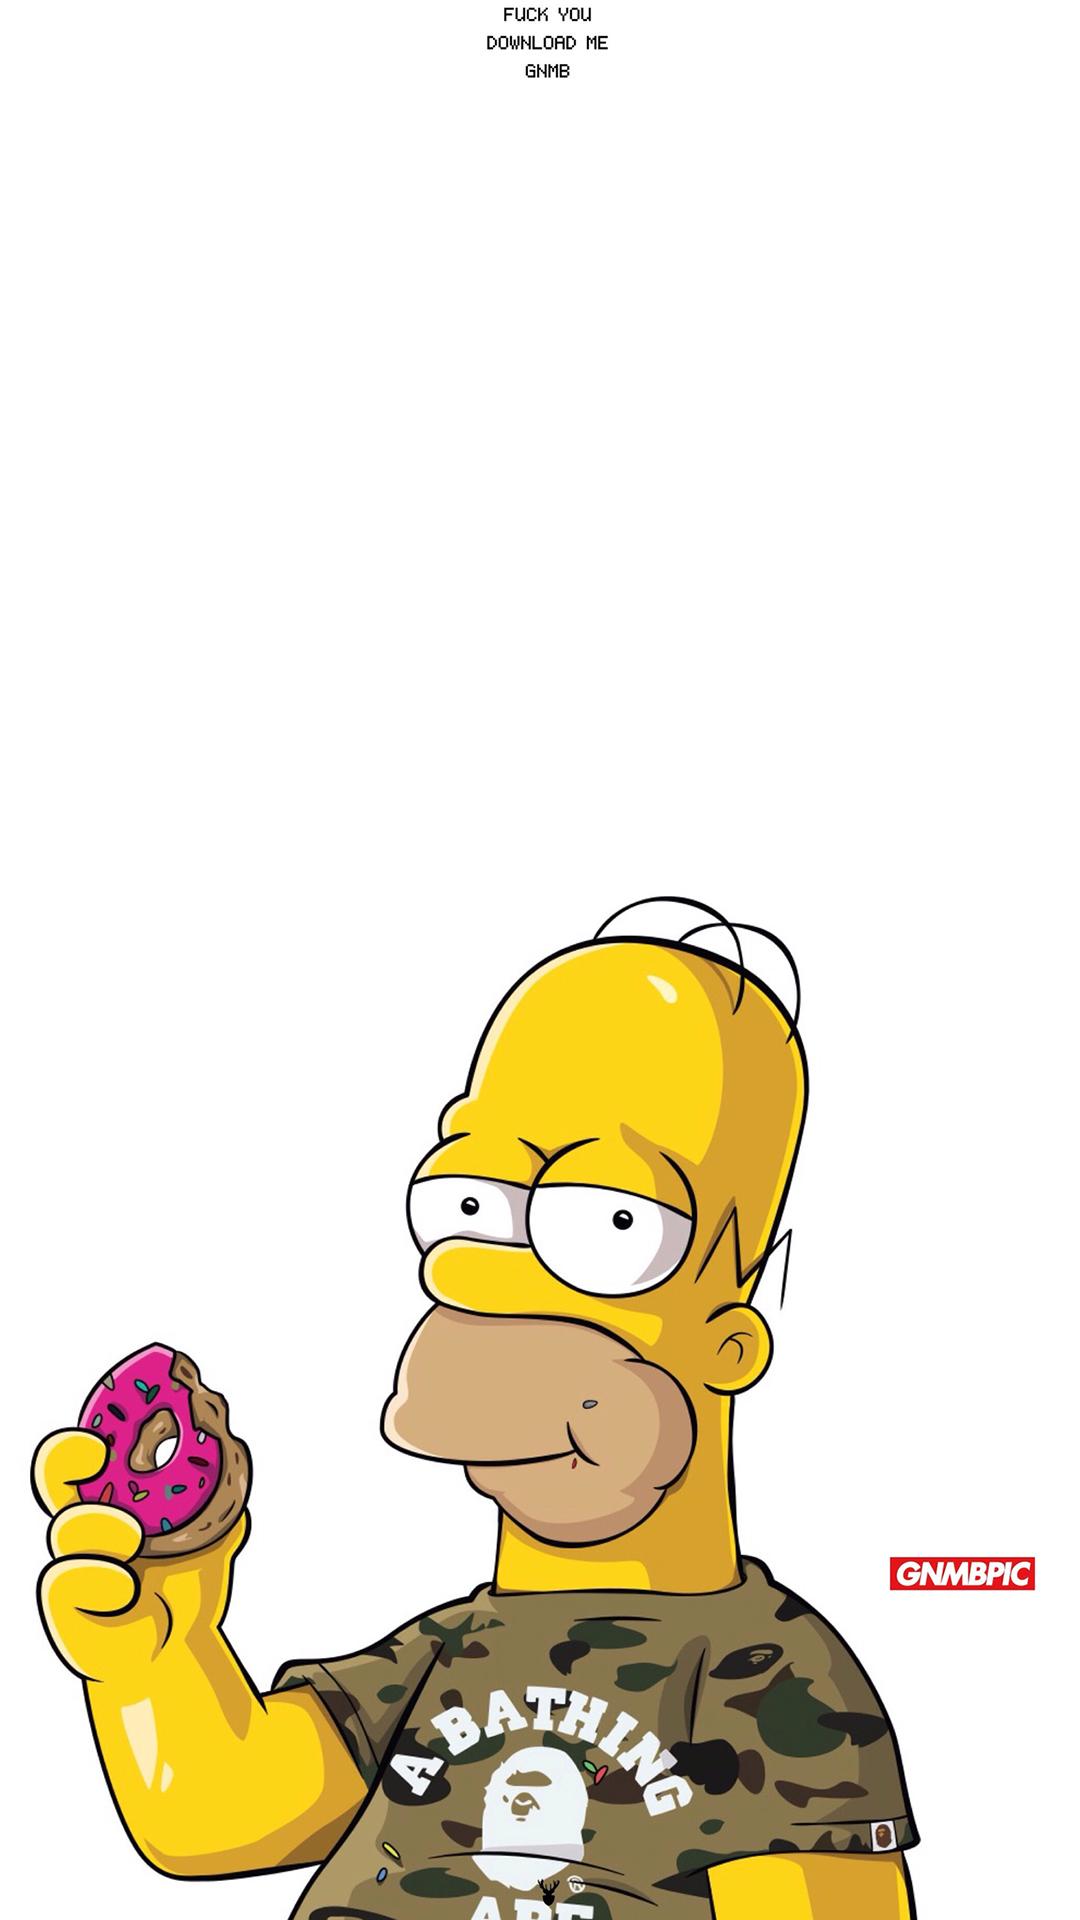 辛普森 甜甜圈 潮牌 苹果手机高清壁纸 1080x1920